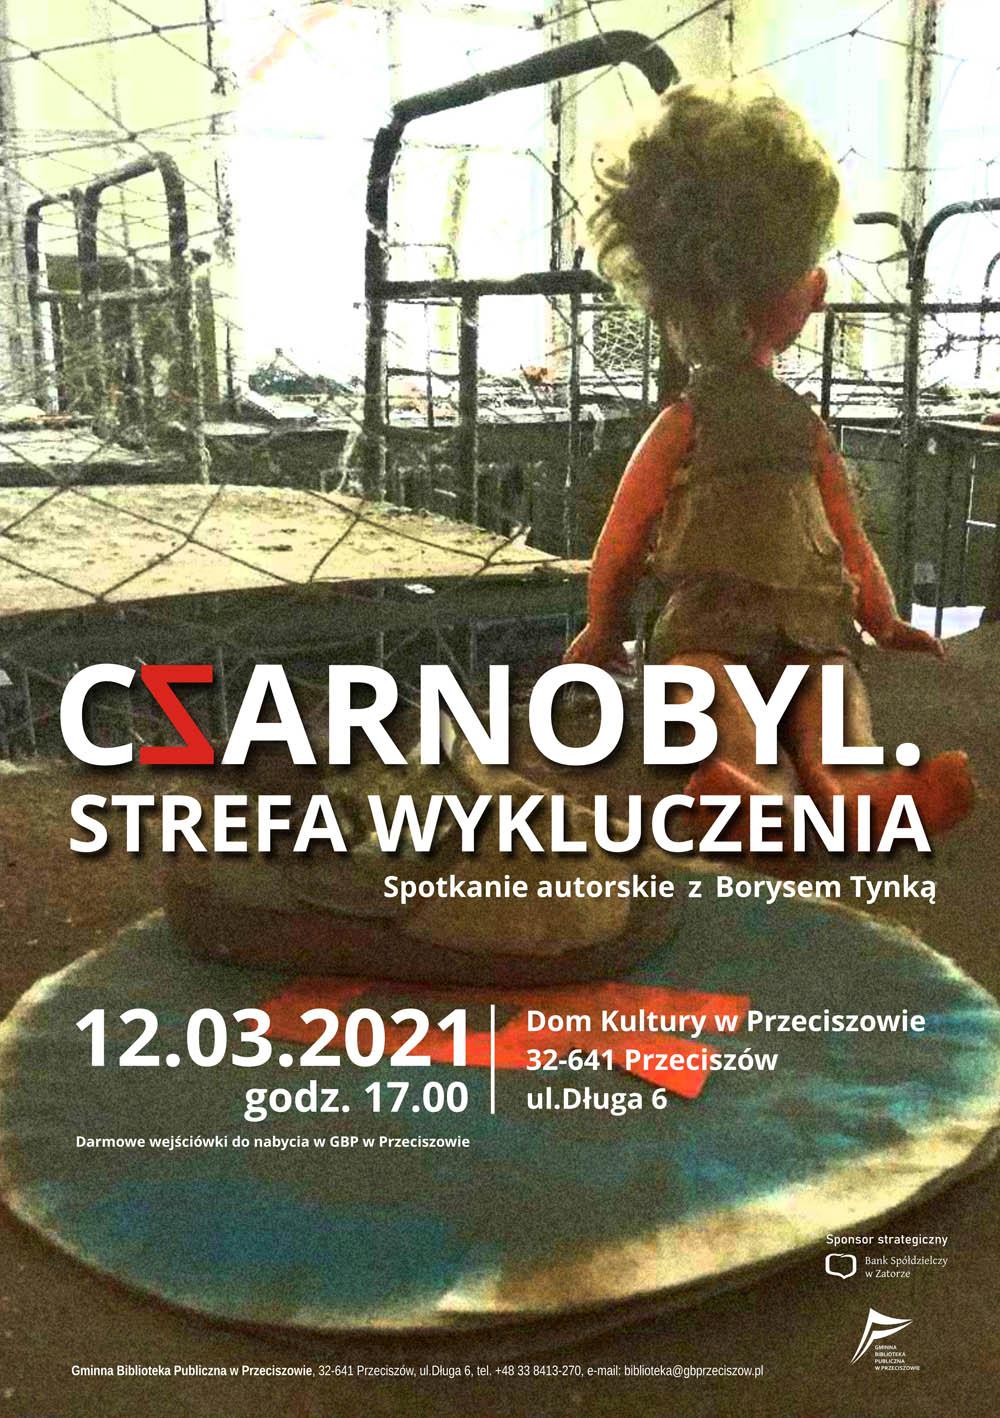 """""""CZARNOBYL. STREFA WYKLUCZENIA"""". Spotkanie  z Borysem Tynką – 12.03.2021"""